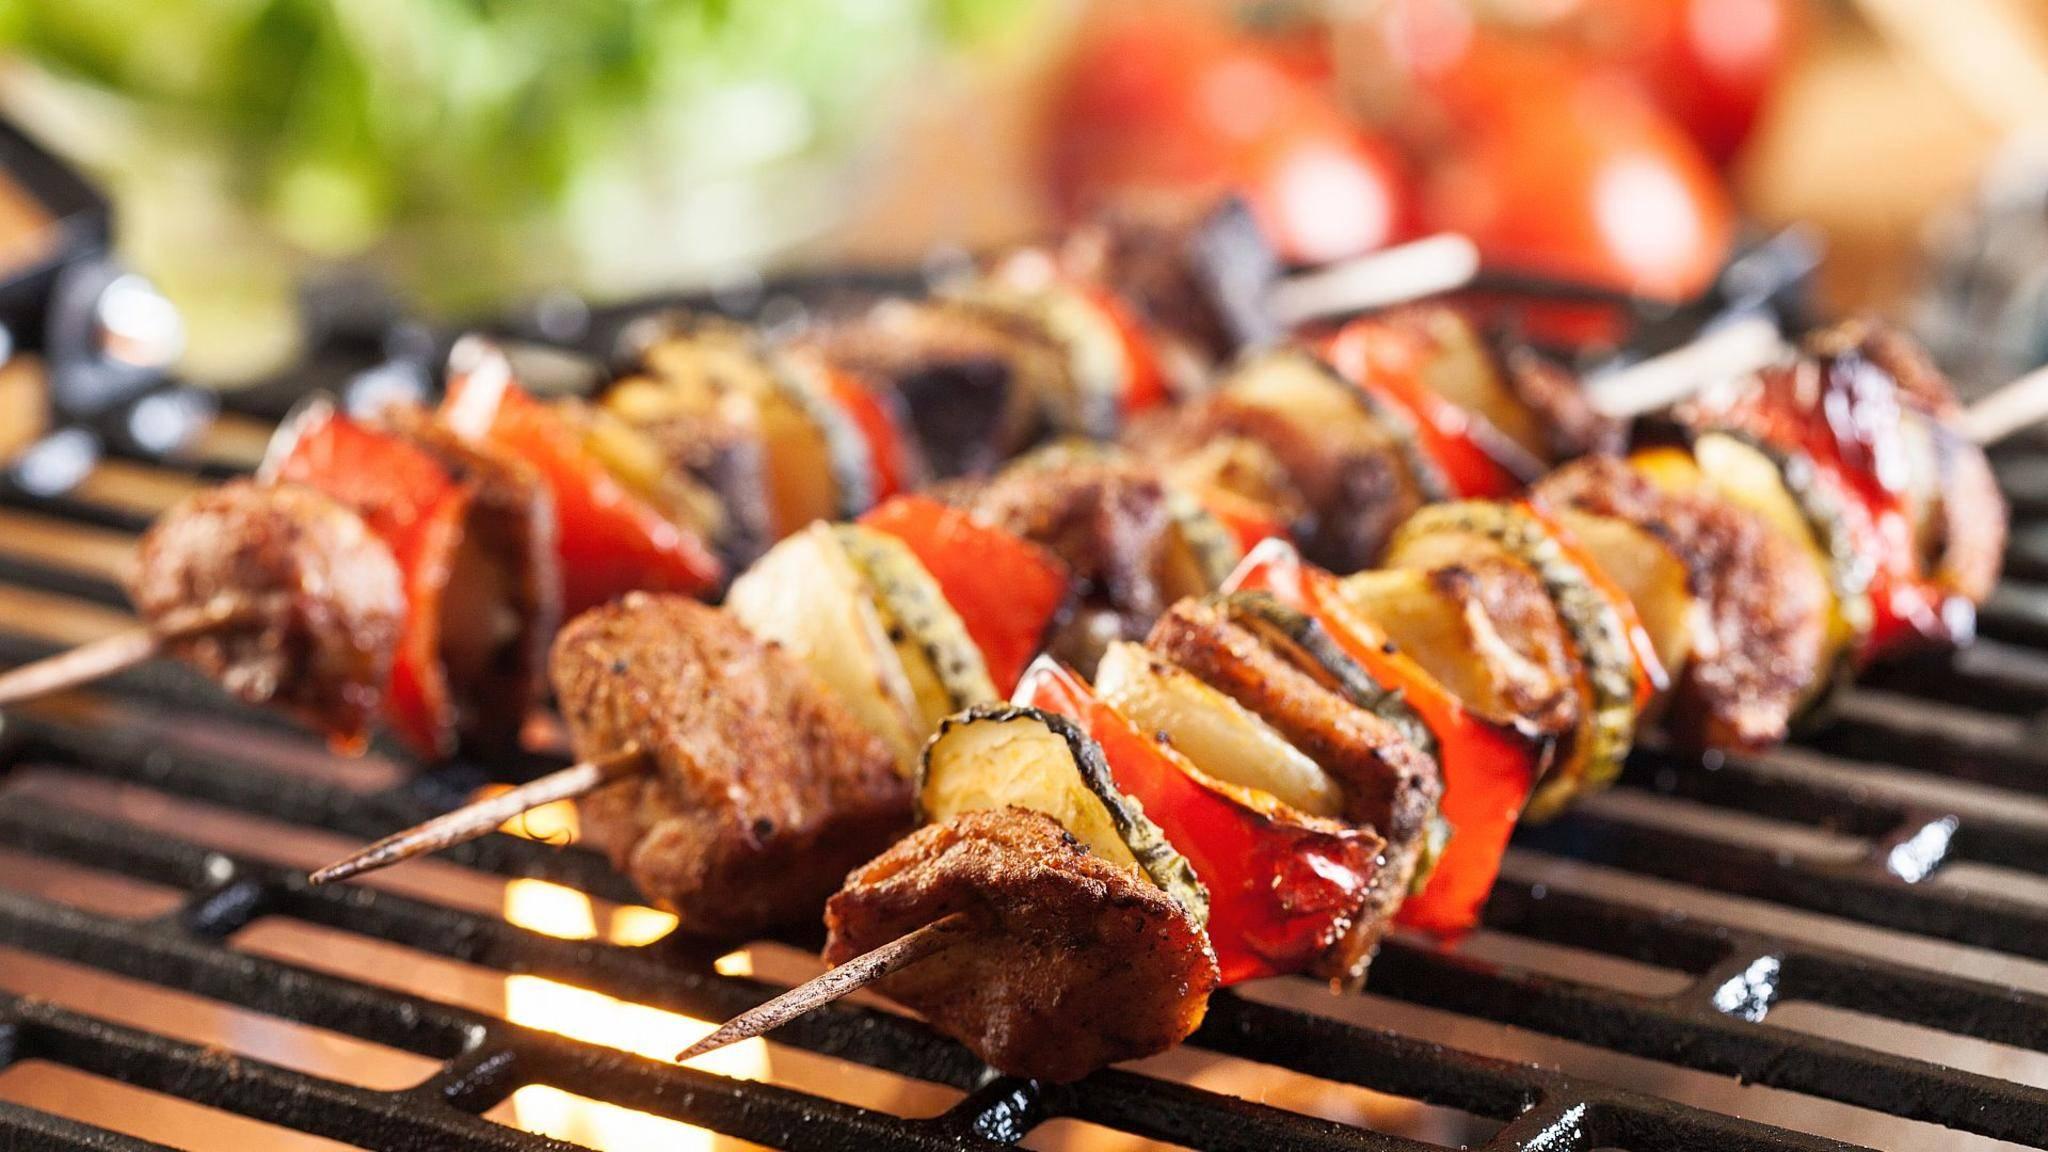 grillen-holzkohlegrill-schaschlik